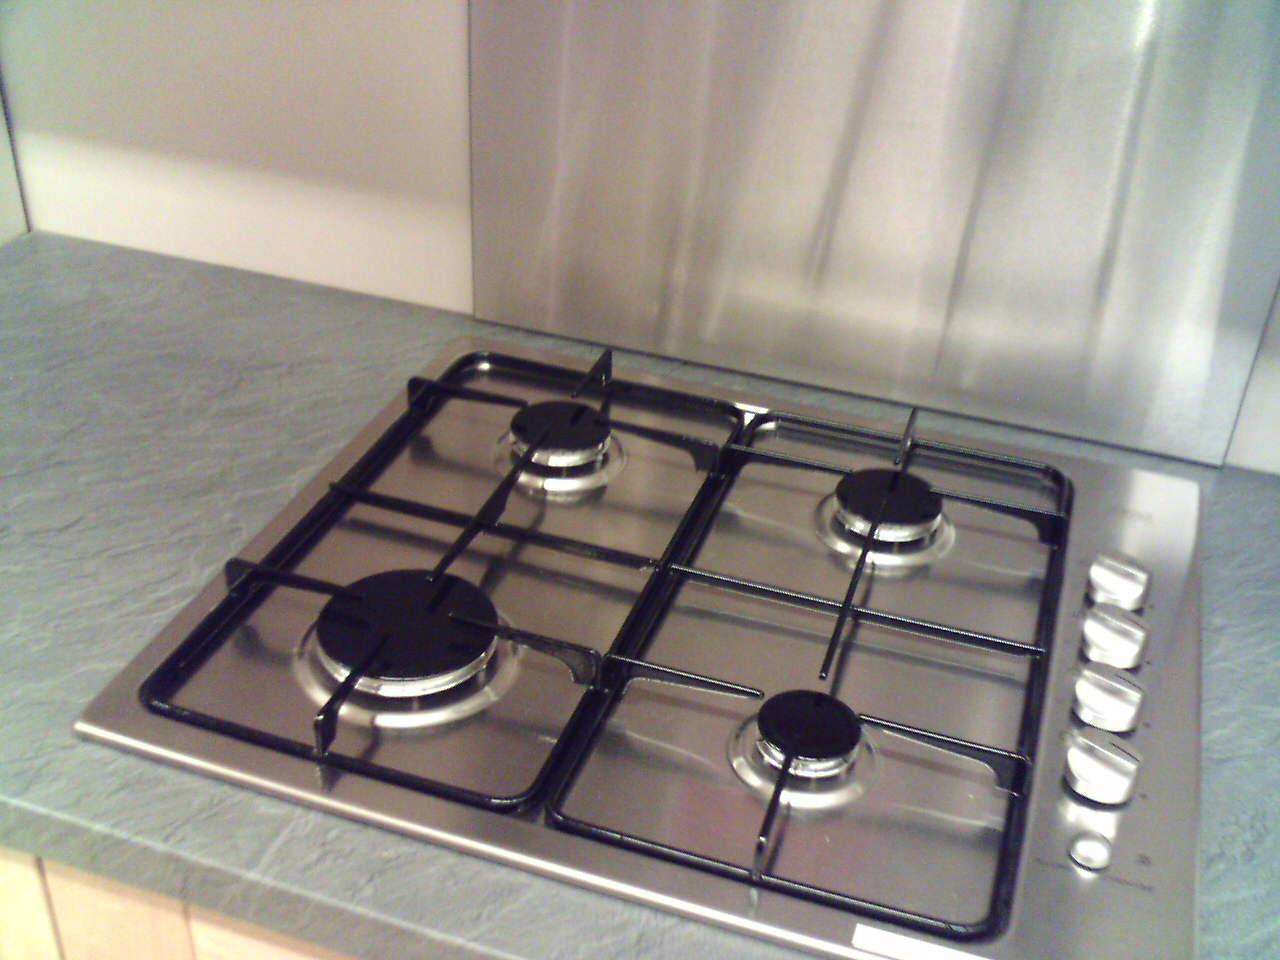 Entretien plan de travail inox bross lille maison - Plaque d inox pour cuisine ...